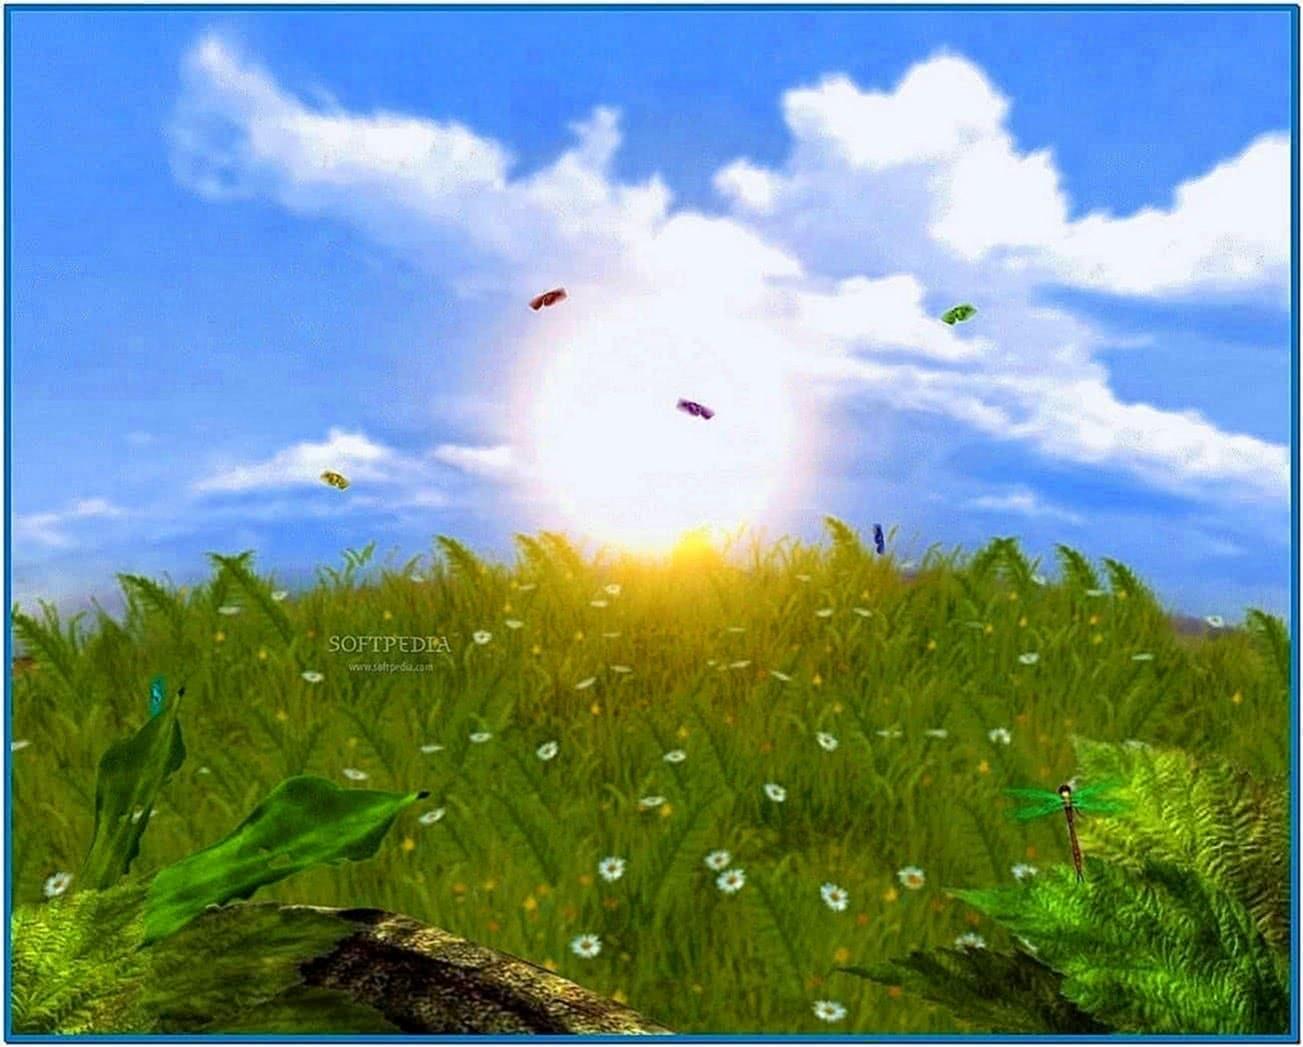 Desktop Screensaver Pictures